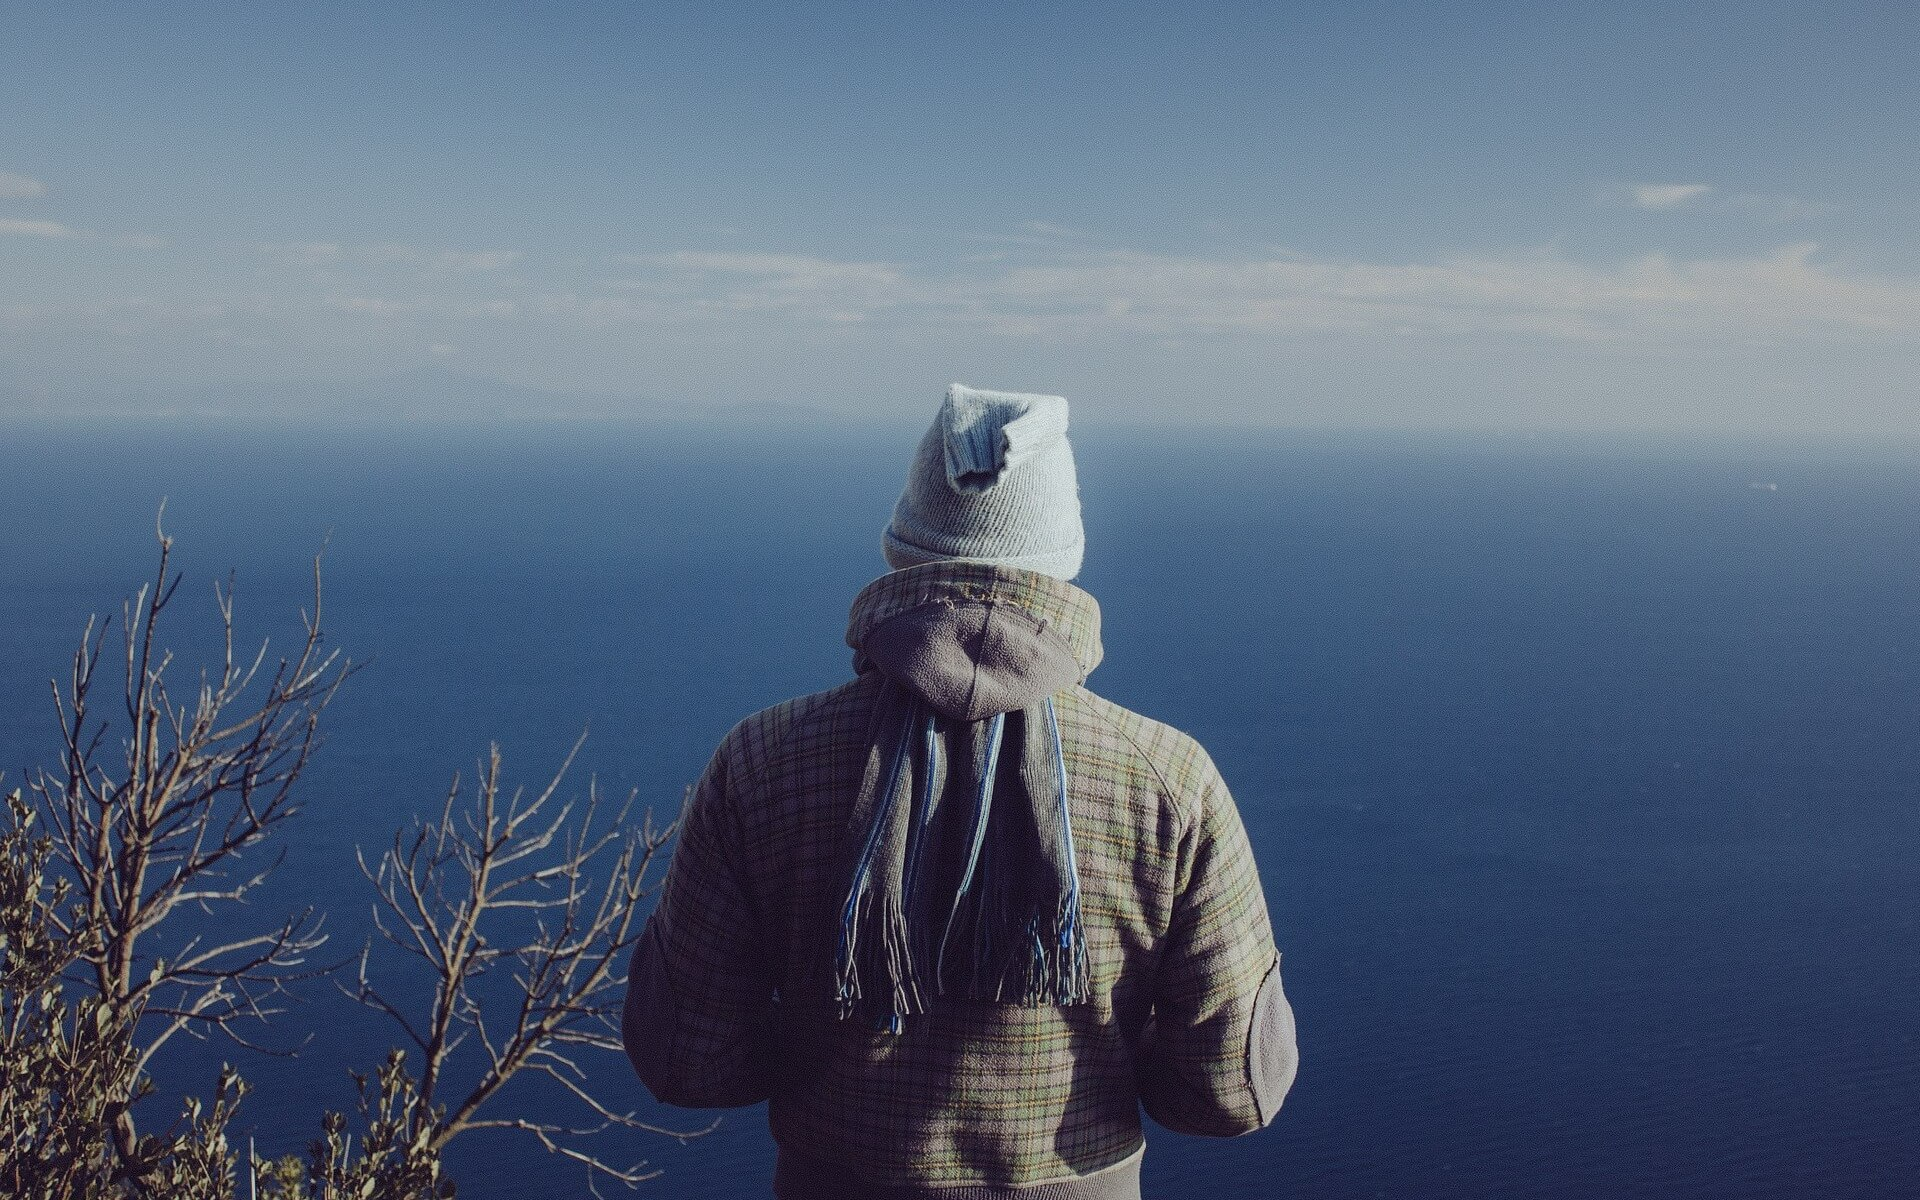 You Never Walk Alone: Mann steht am Meer und beobachtet. Bild von Republica auf Pixabay